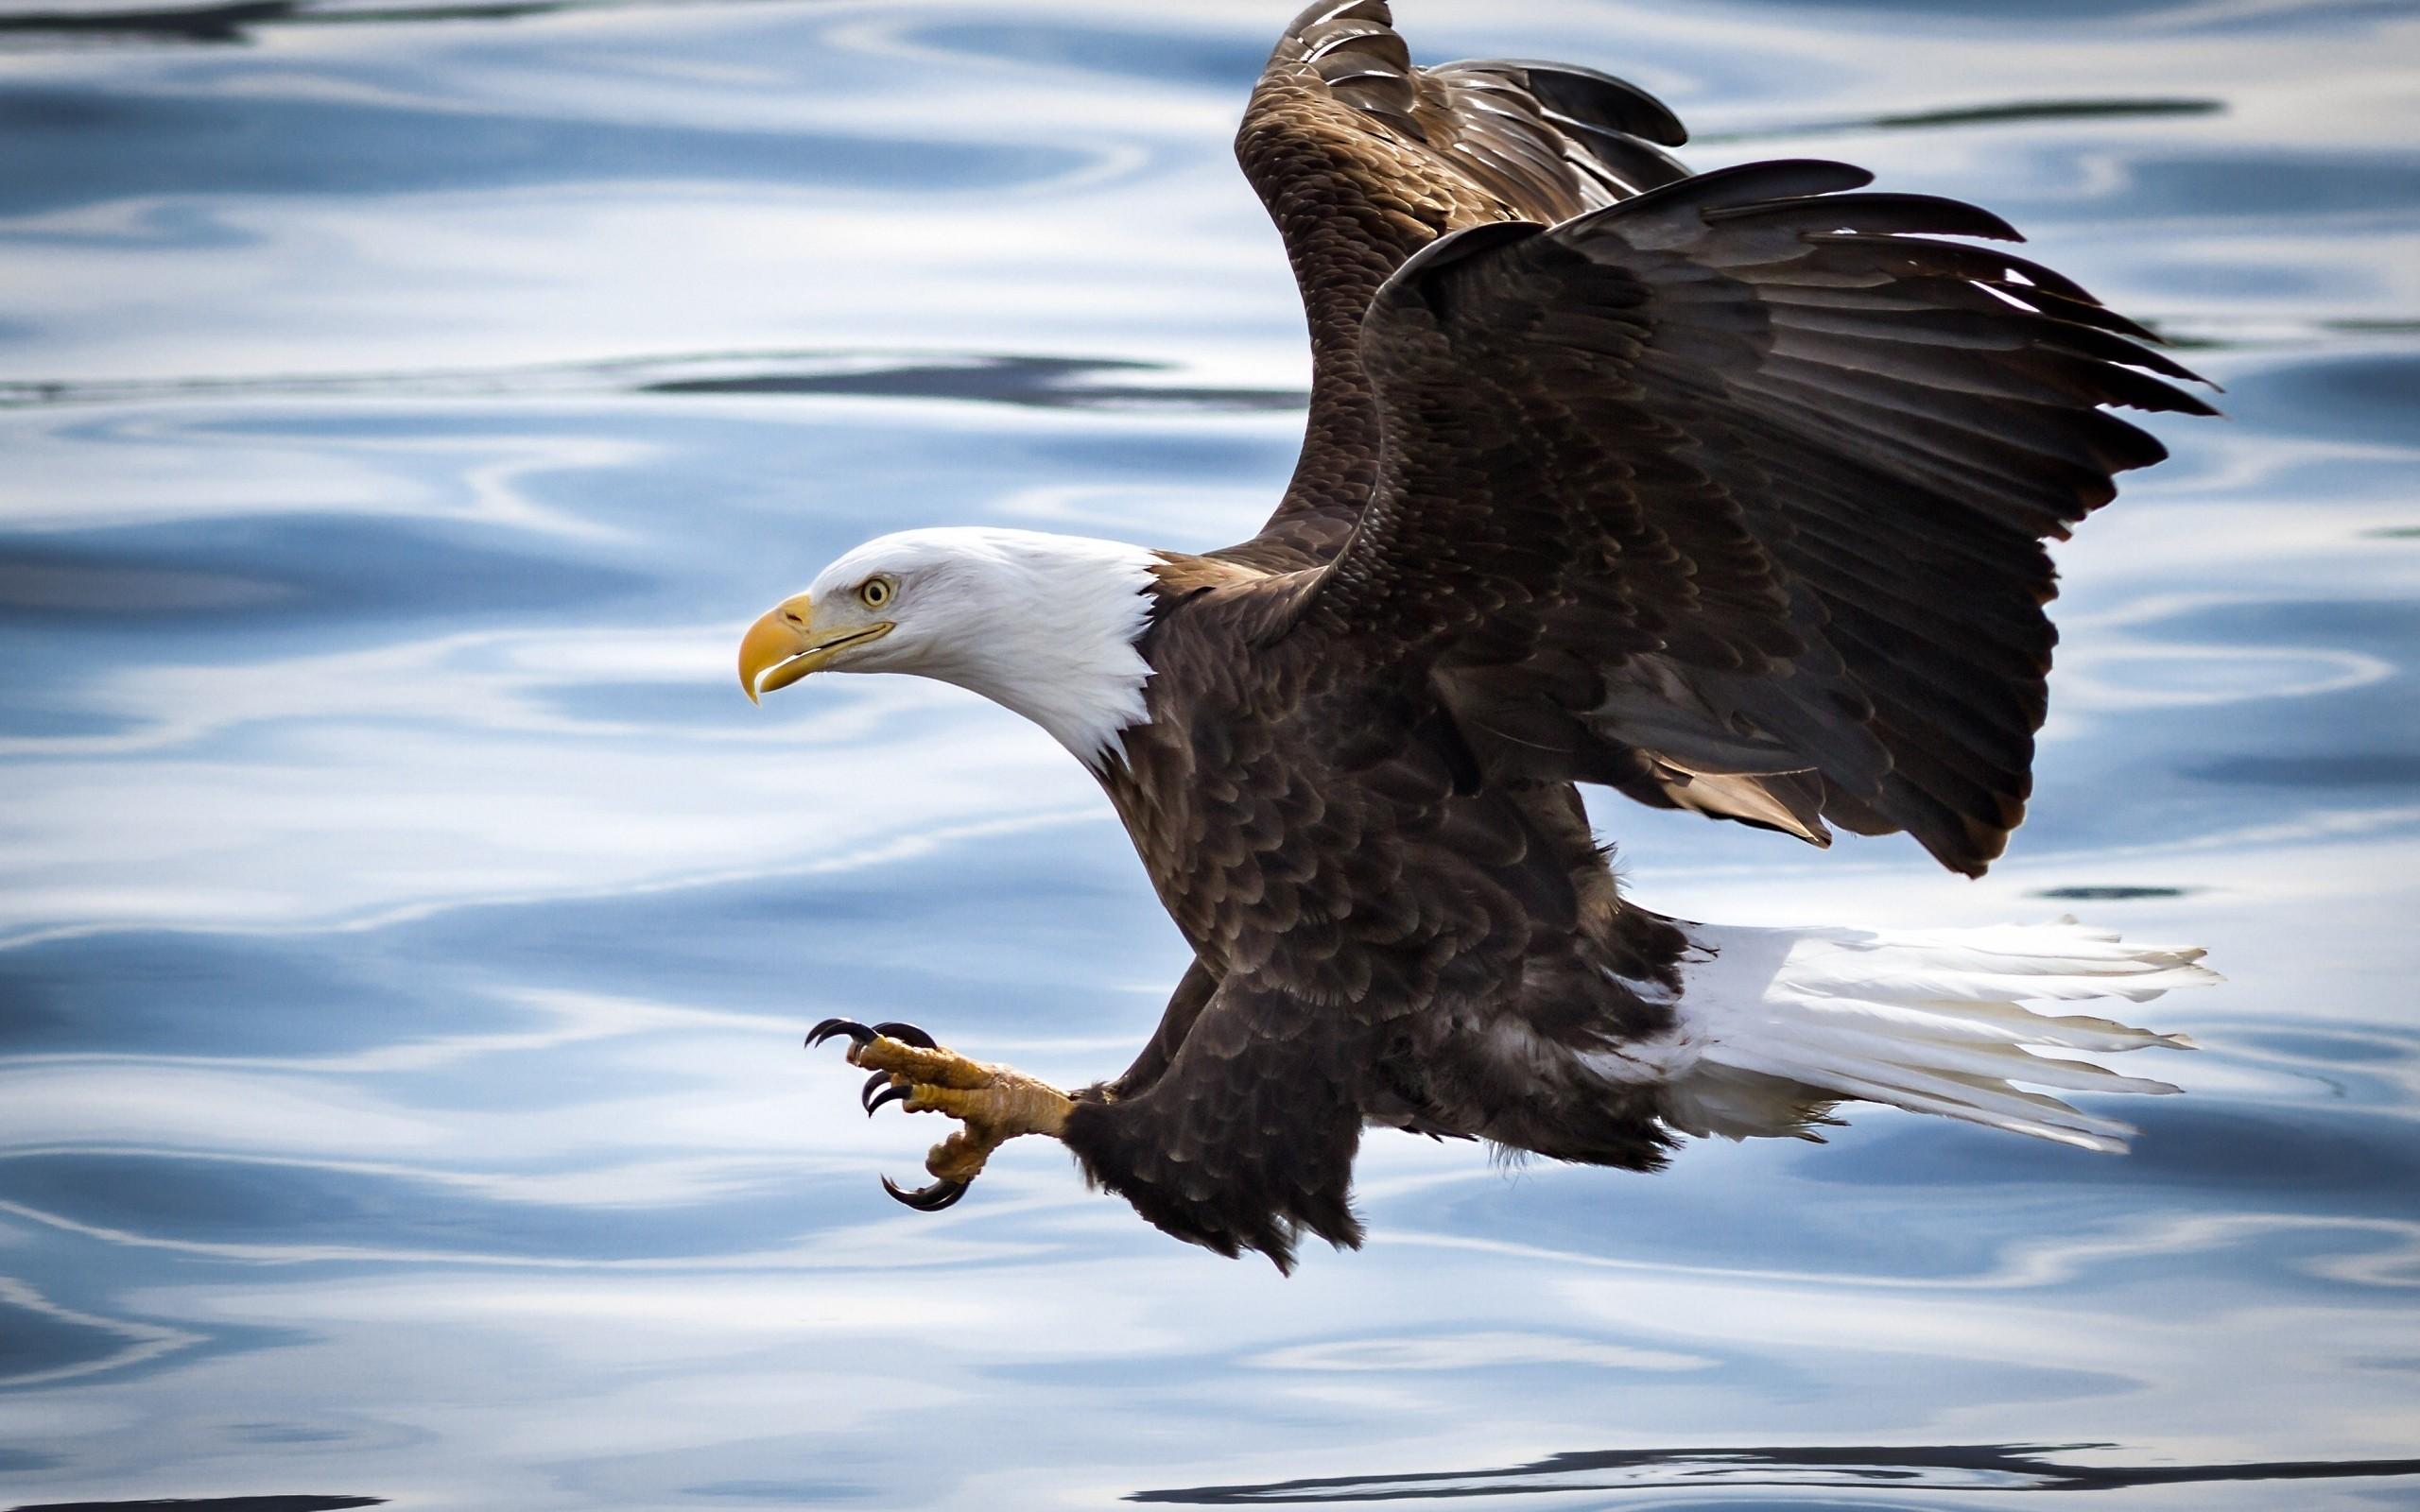 стремления картинка орел который есть интересное, что все